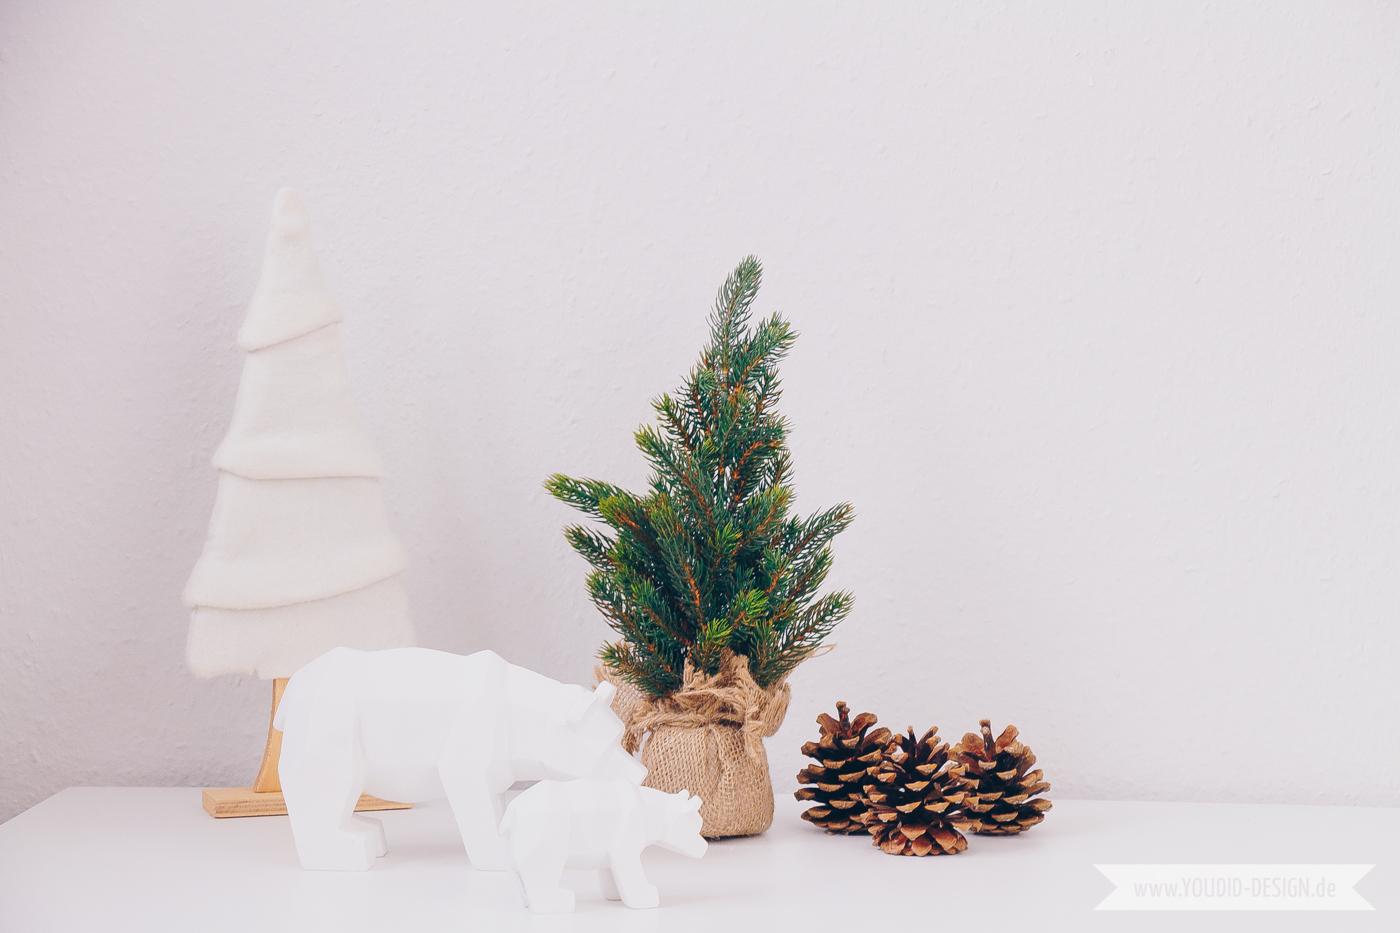 Minimalistische Nordische Skandinavische Weihnachtsdeko Waldlandschaft |  Www.youdid Design.de